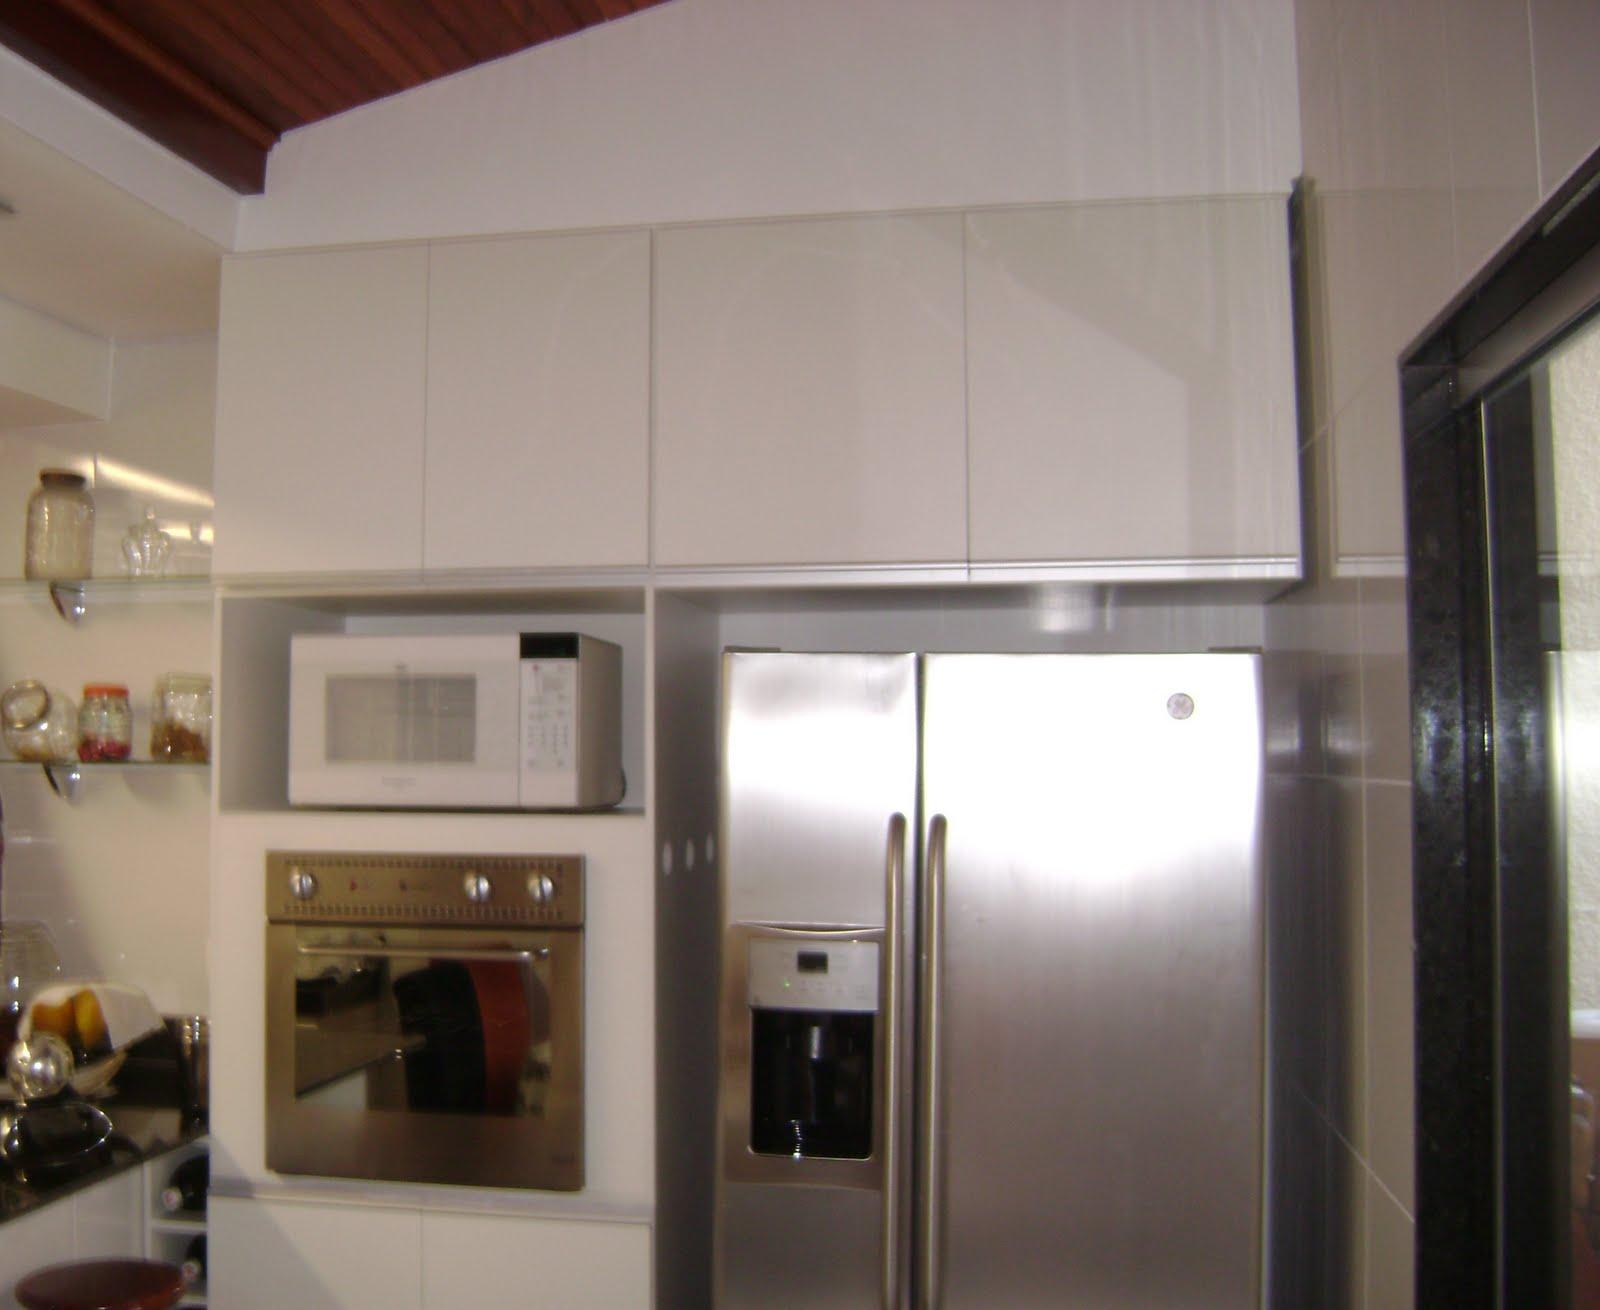 Rosemary Bastos Design de Interiores: Junho 2010 #5D4B3C 1600 1310